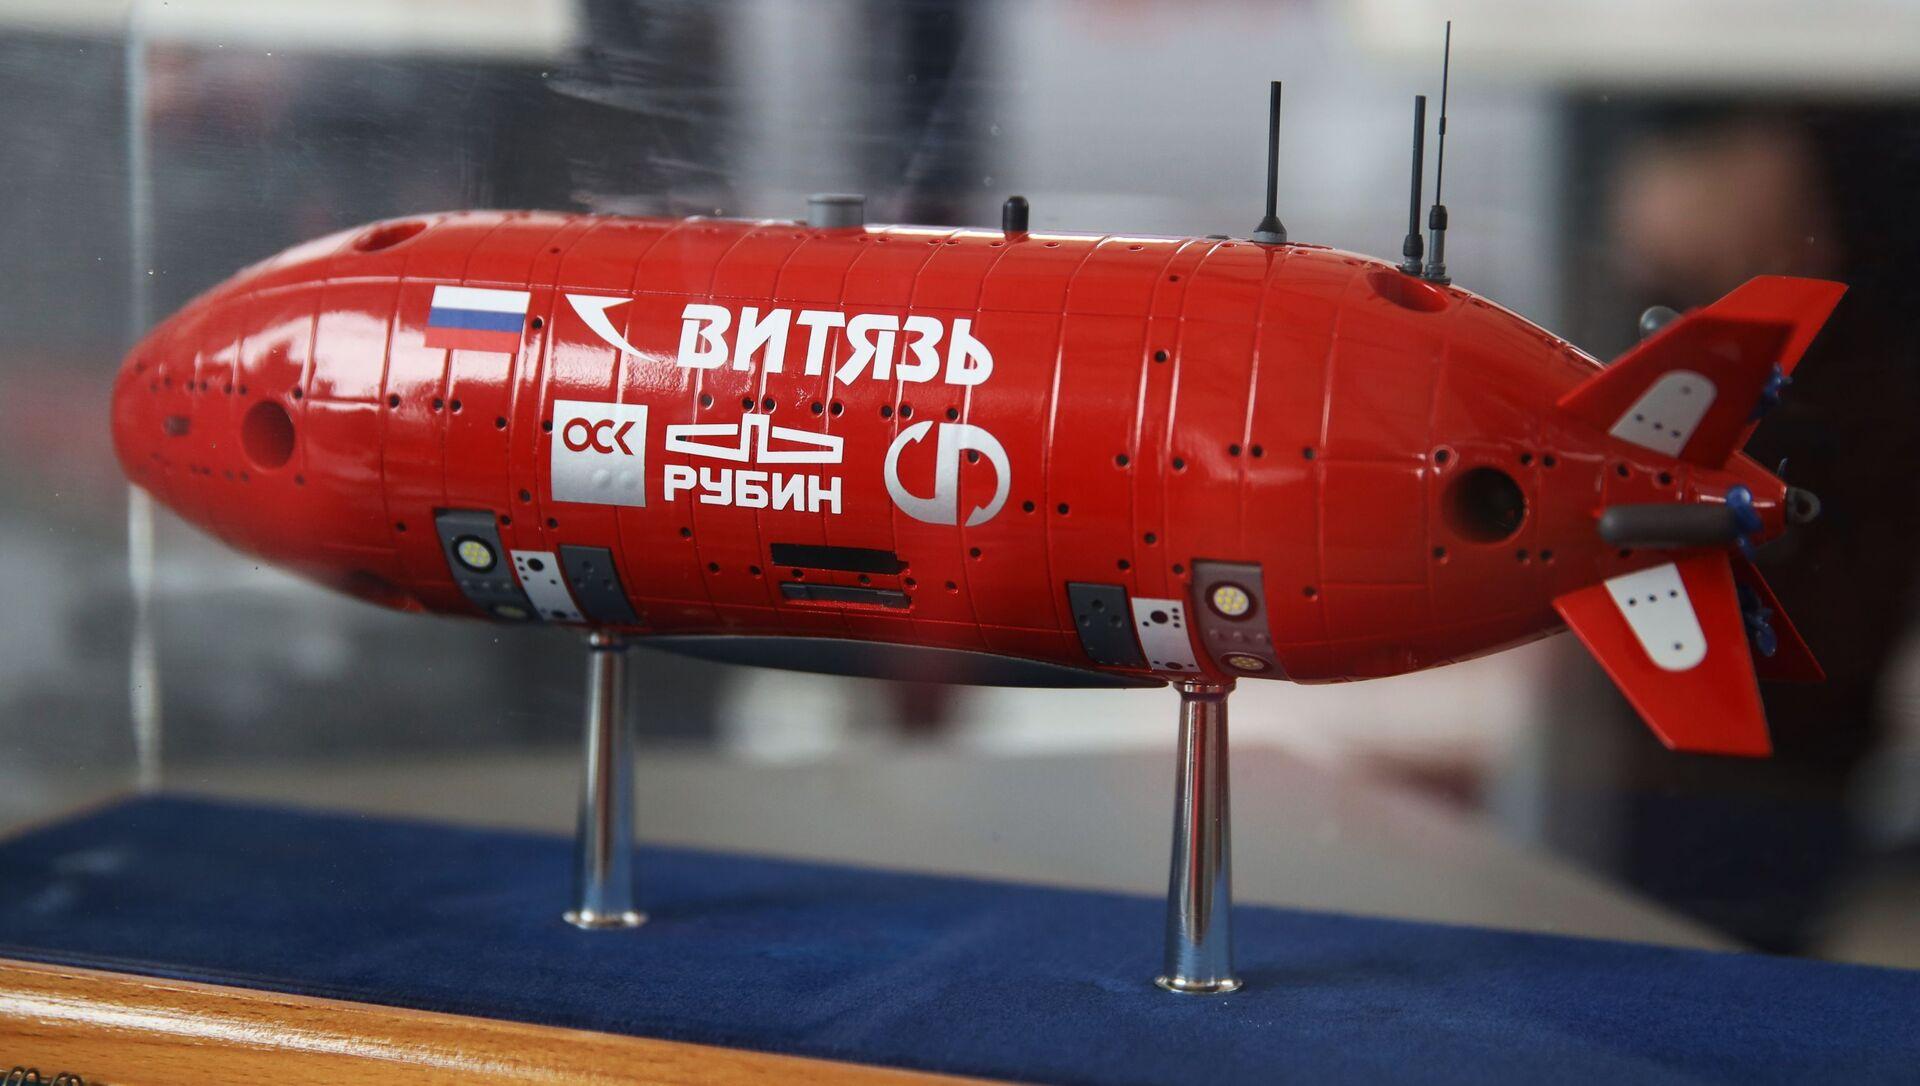 Mô hình tàu lặn độ sâu tự động không người lái Vityaz - Sputnik Việt Nam, 1920, 12.09.2021